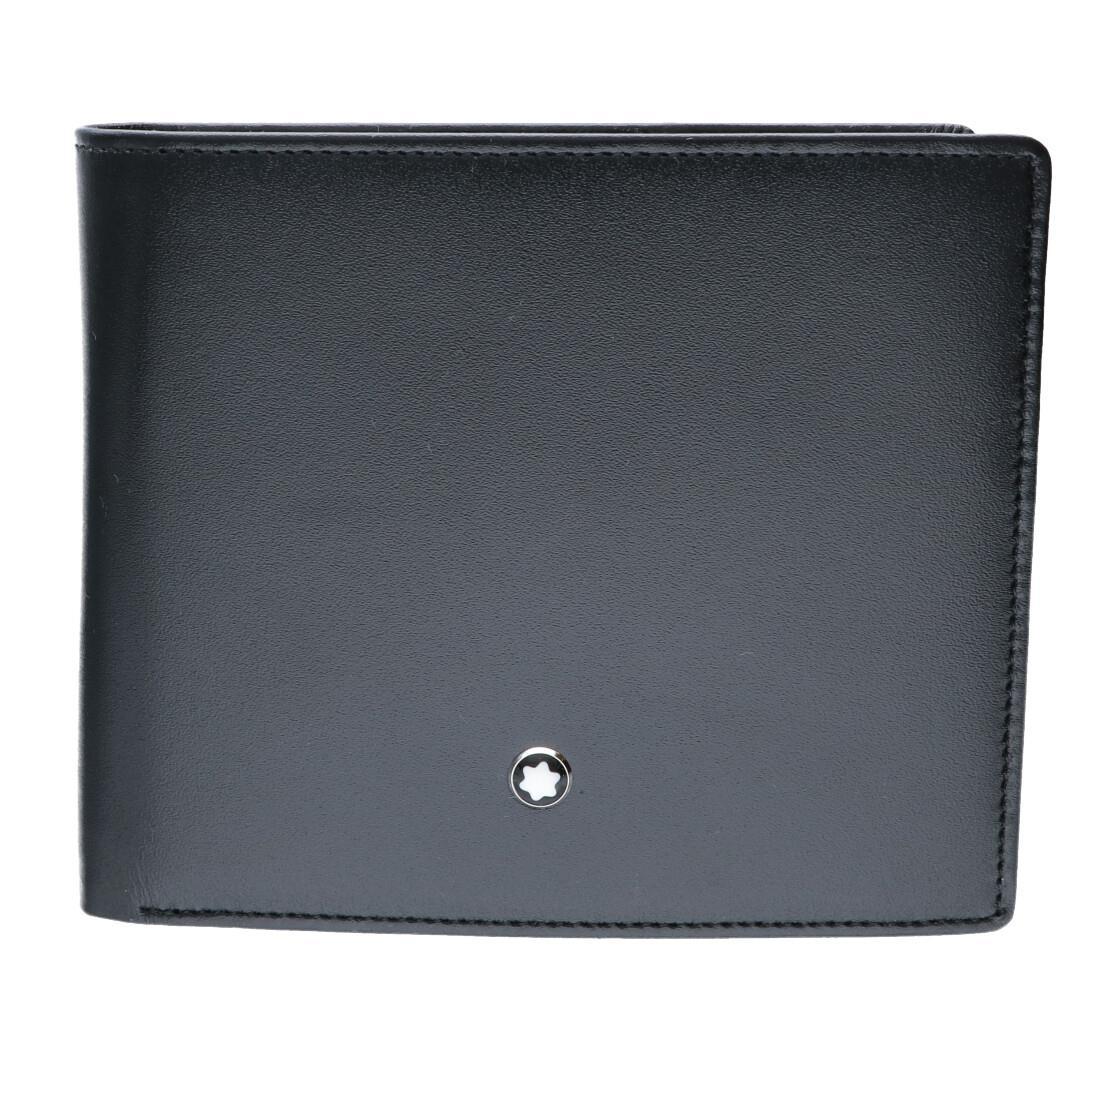 Portafoglio orrizontale con portamonete, 2 scomparti banconote - MONTBLANC